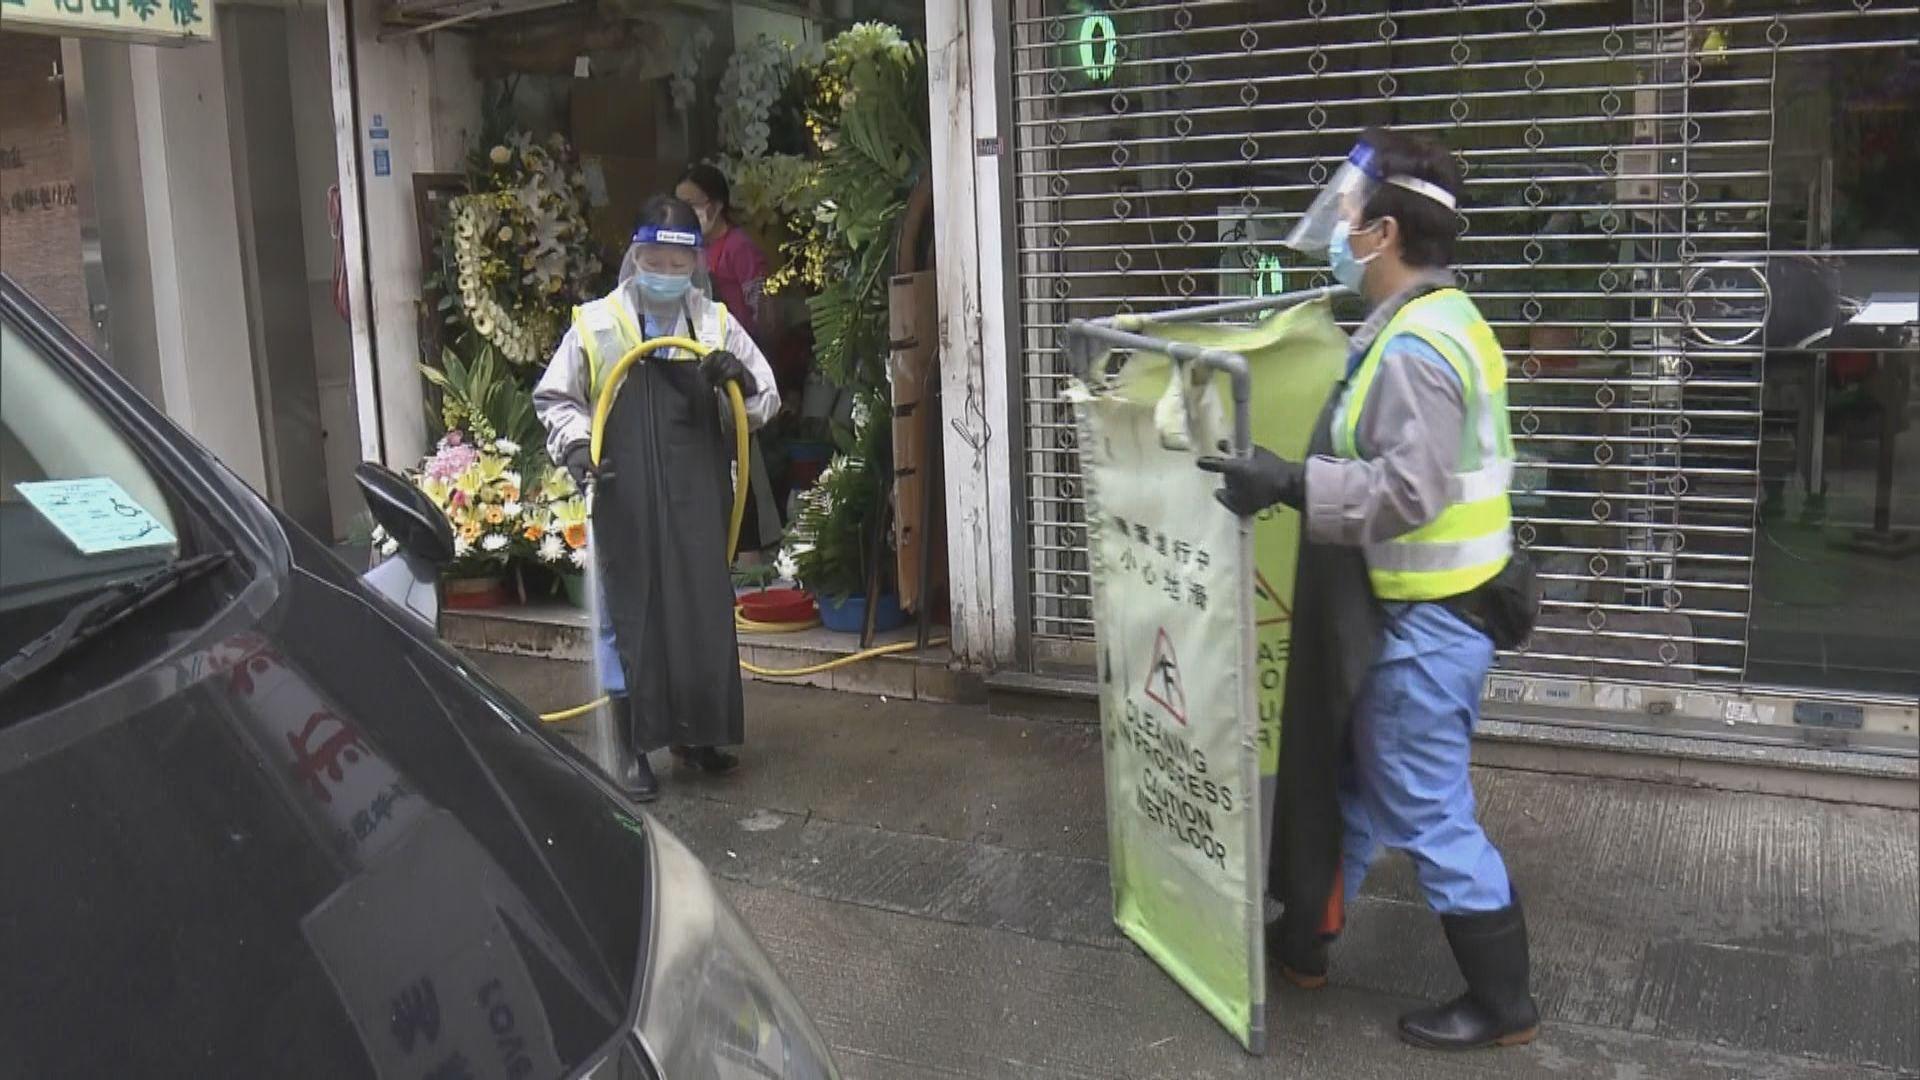 紅磡指定區域有約60間長生店 殯儀業憂突封區影響殯葬